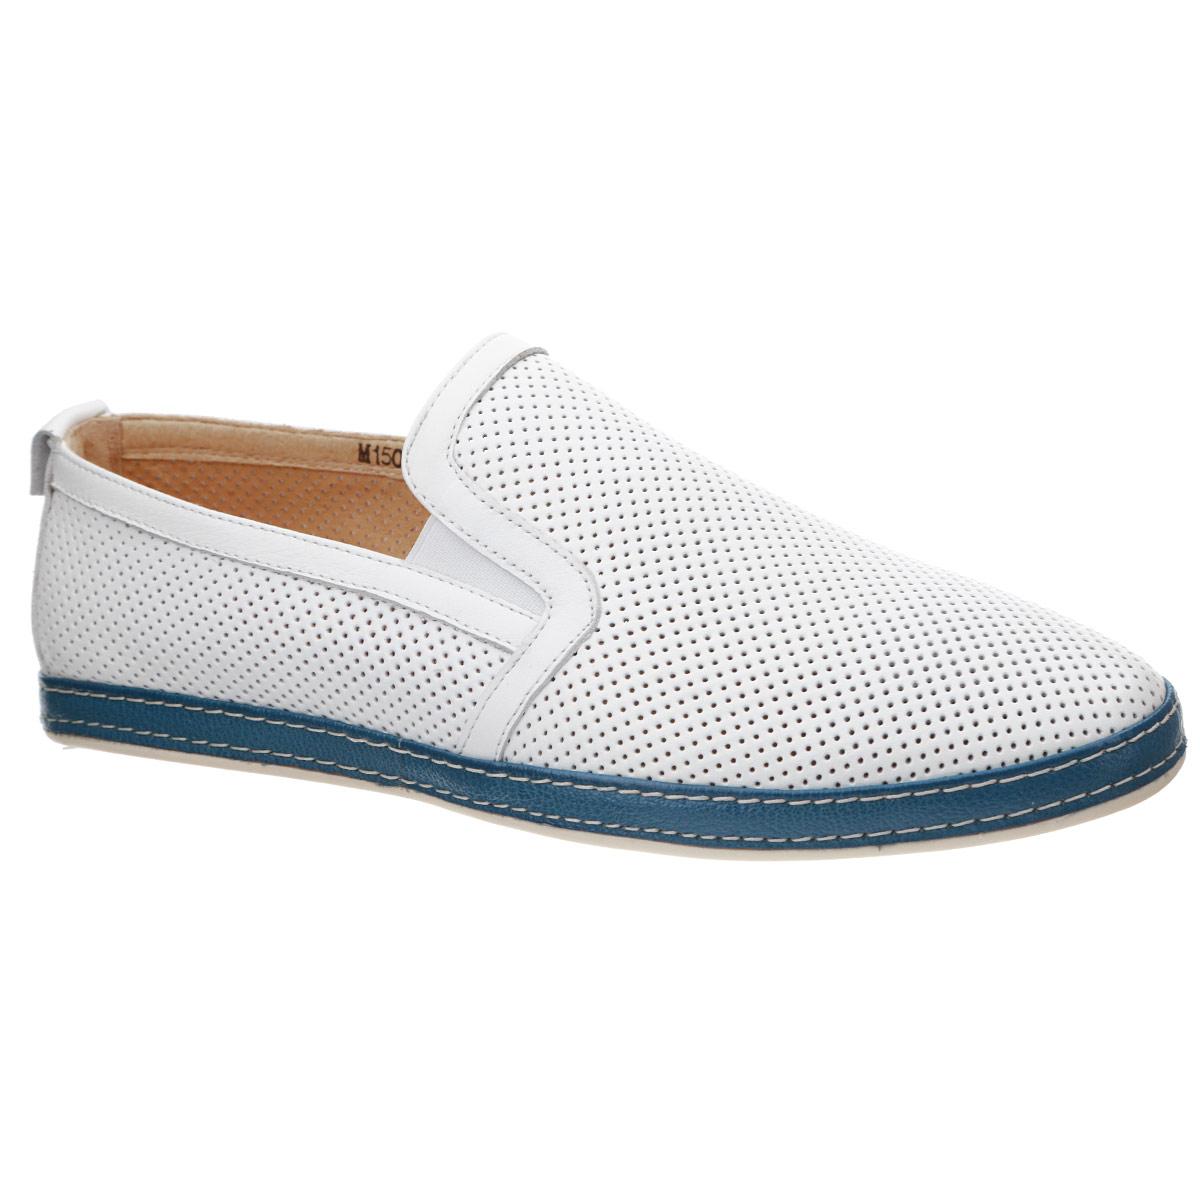 Туфли мужские. M15032*M15032*Стильные мужские туфли Vitacci займут достойное место среди вашей коллекции обуви. Модель изготовлена из натуральной высококачественной кожи и декорирована вставкой из натуральной кожи контрастного цвета с двойной прострочкой вдоль ранта, задним наружным ремнем с круглой металлической пластиной. Перфорация обеспечивает отличную вентиляцию, позволяет ногам дышать. Резинки, расположенные на подъеме, гарантируют оптимальную посадку модели на ноге. Съемная стелька из материала EVA с внешней поверхностью из натуральной кожи комфортна при движении. Рифленая поверхность подошвы защищает изделие от скольжения. Модные туфли покорят вас своим дизайном и удобством.